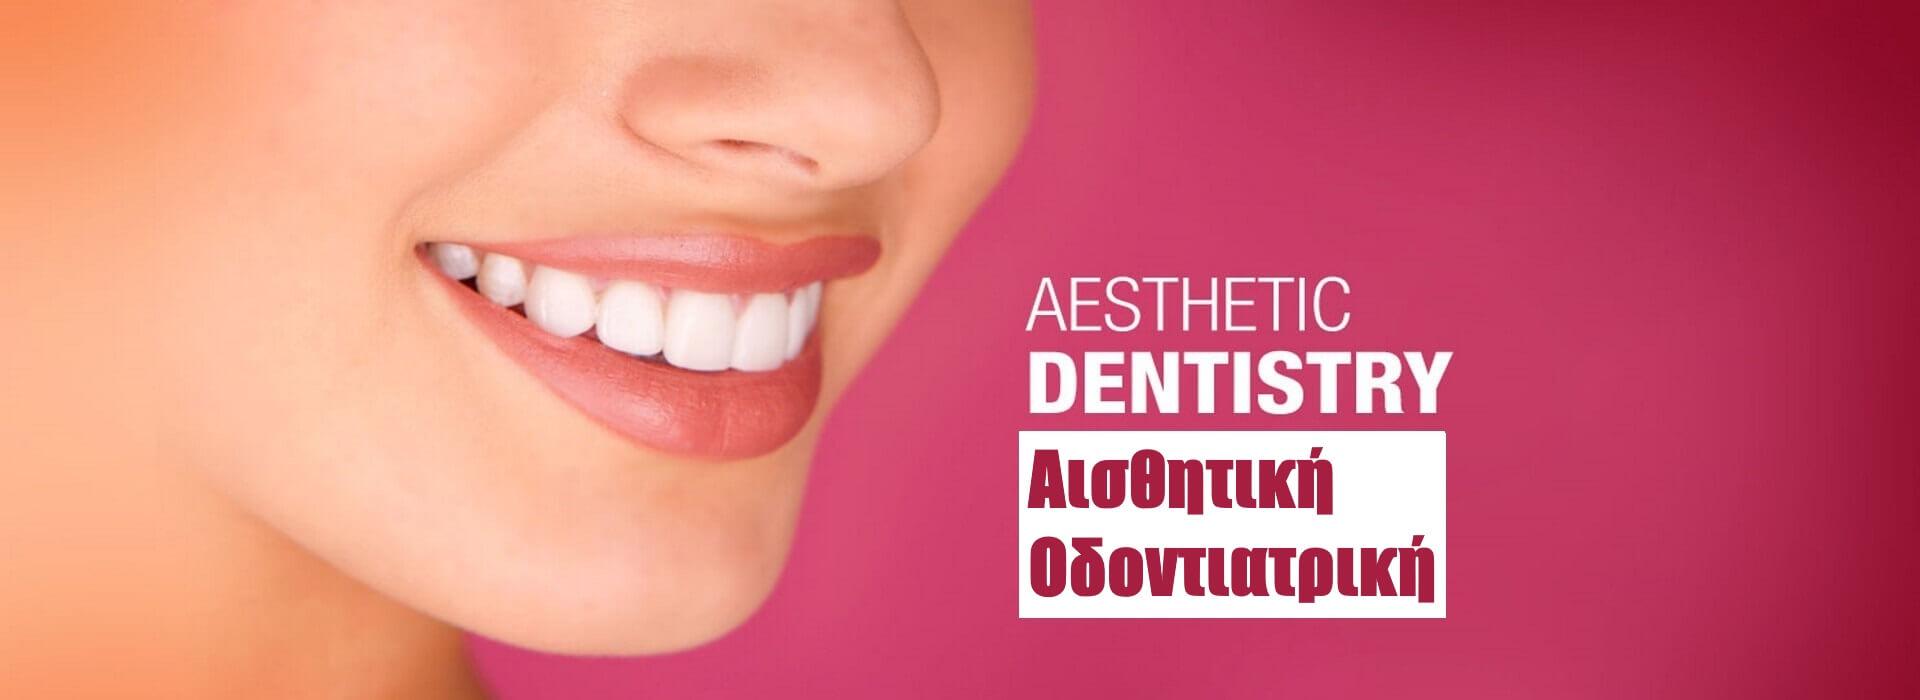 1920x700-4-dentistry